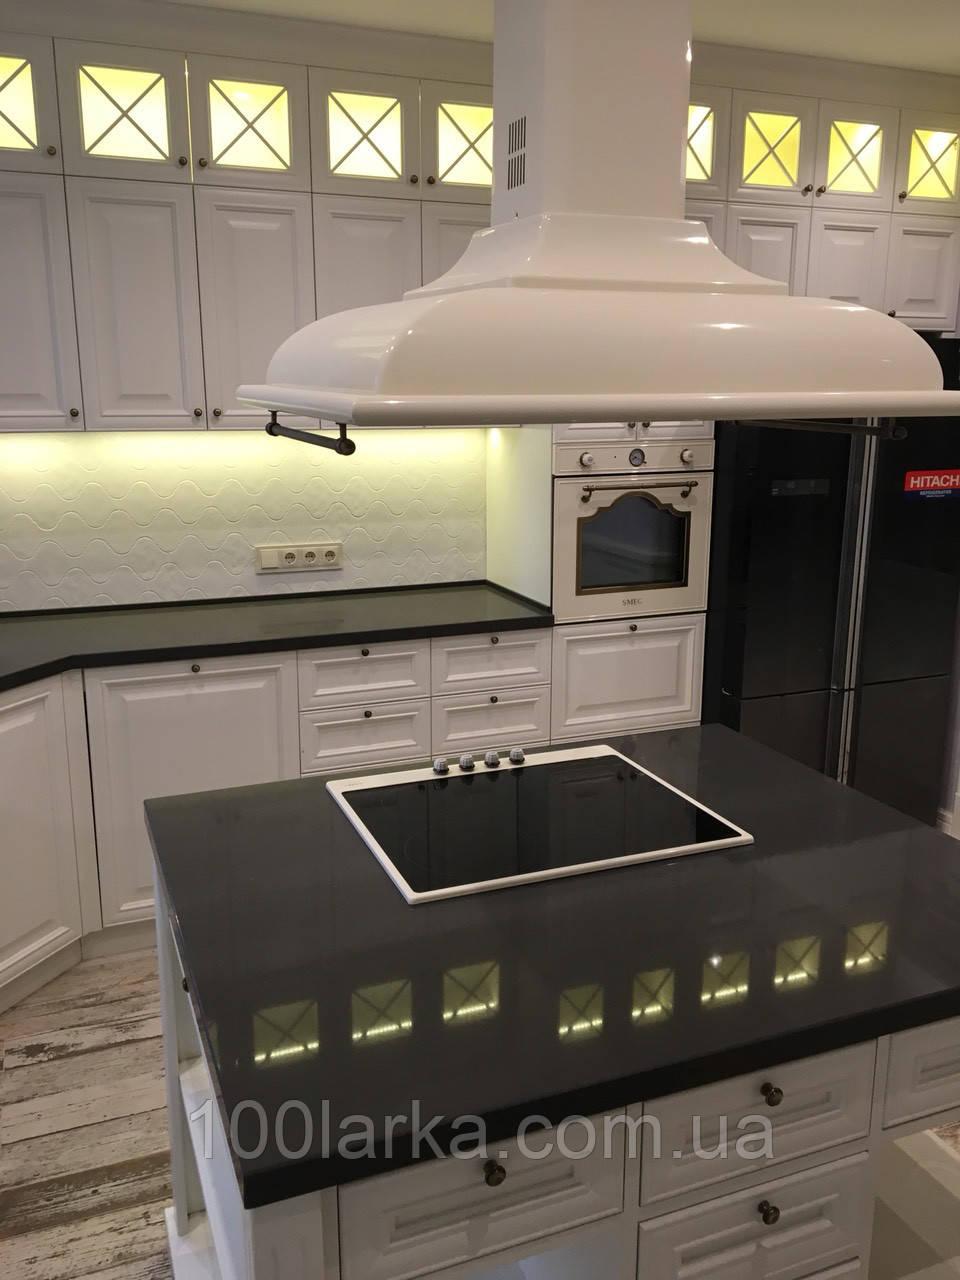 Кухня из дерева с кухонным островом. Цвет белый., фото 1